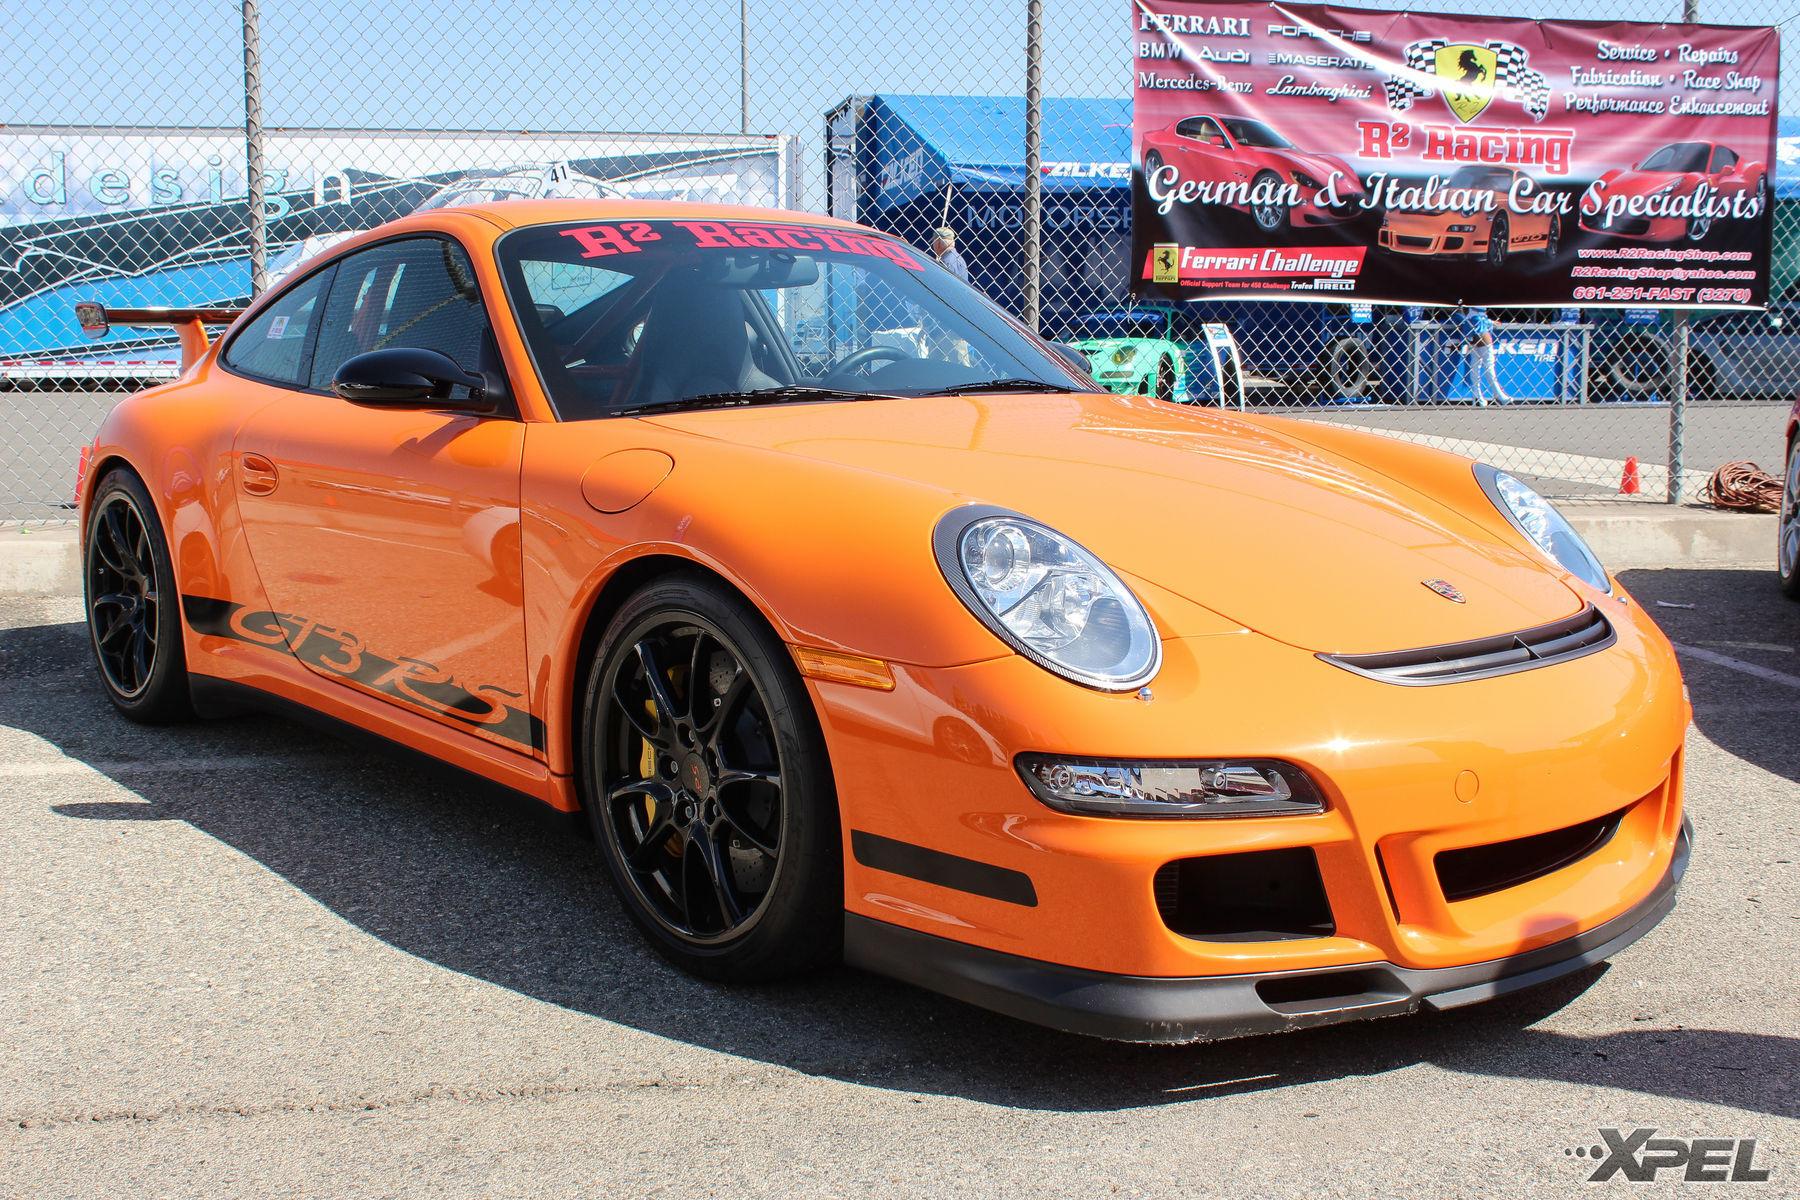 Porsche 911 | Great orange Porsche GT3